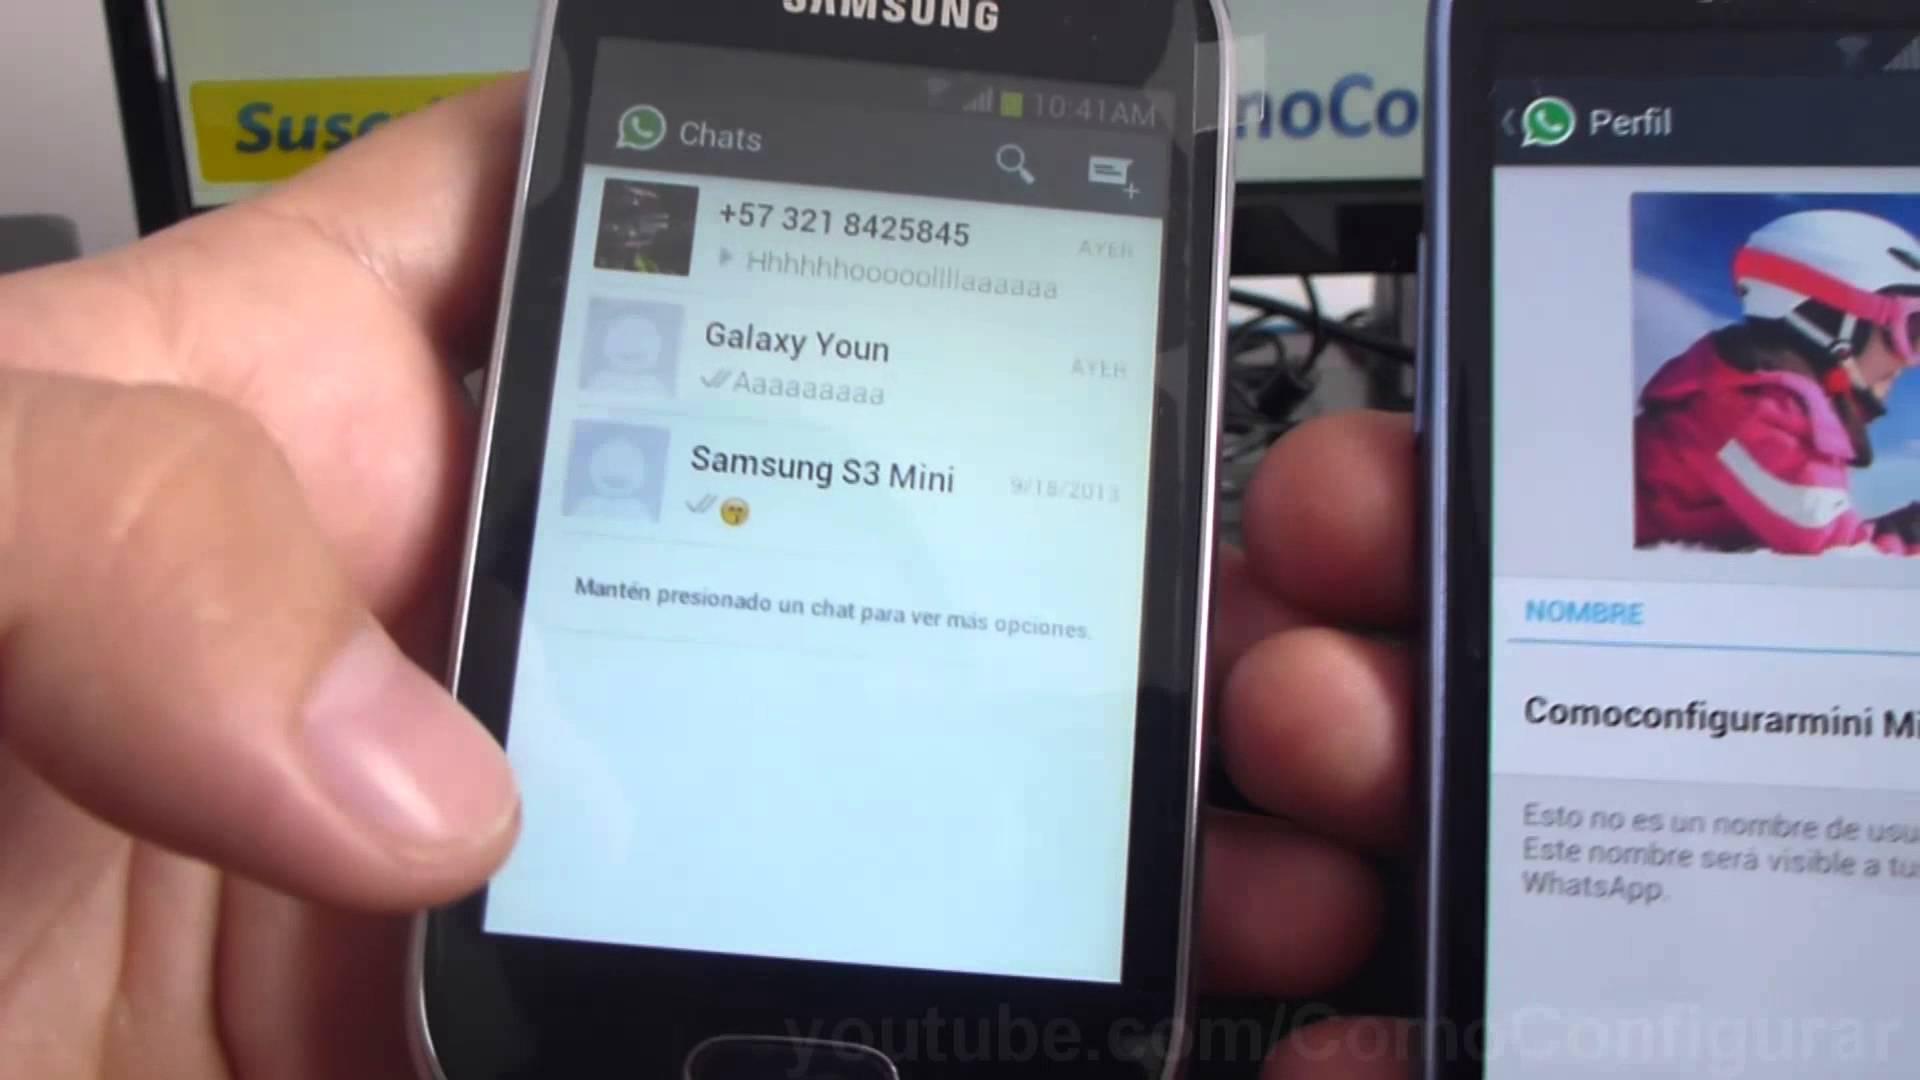 La tua foto del profilo di WhatsApp è stata rubata? Non vuoi che accada di nuovo? Ti mostriamo come impedire che la tua foto del profilo venga rubata 2